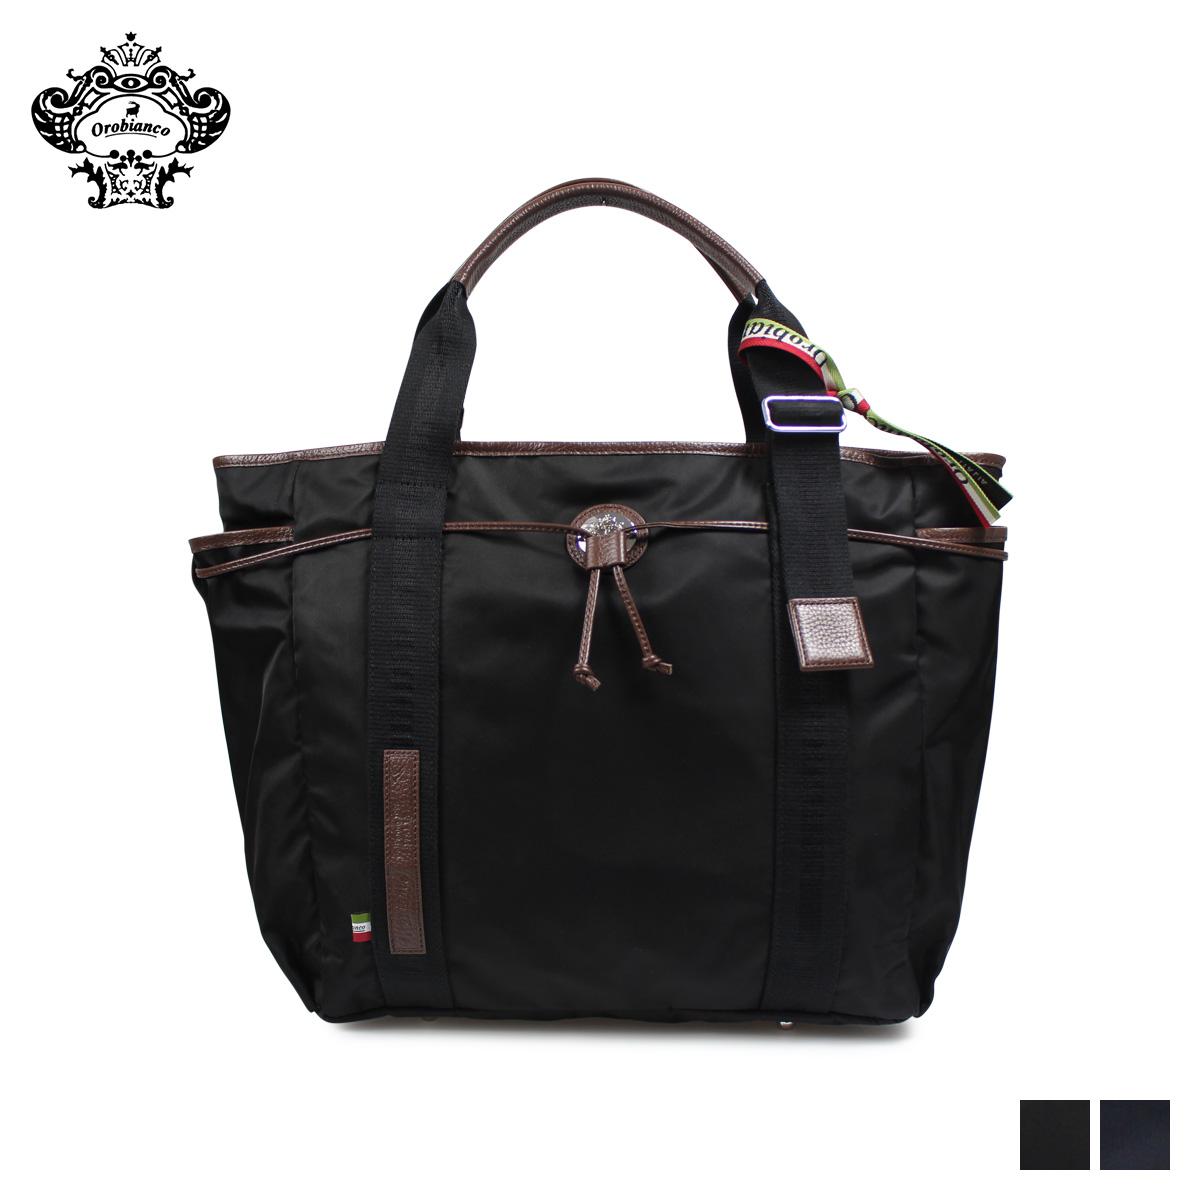 Orobianco オロビアンコ バッグ トートバッグ ビジネスバッグ メンズ ARINNA-C 01 ブラック ネイビー 黒 92151